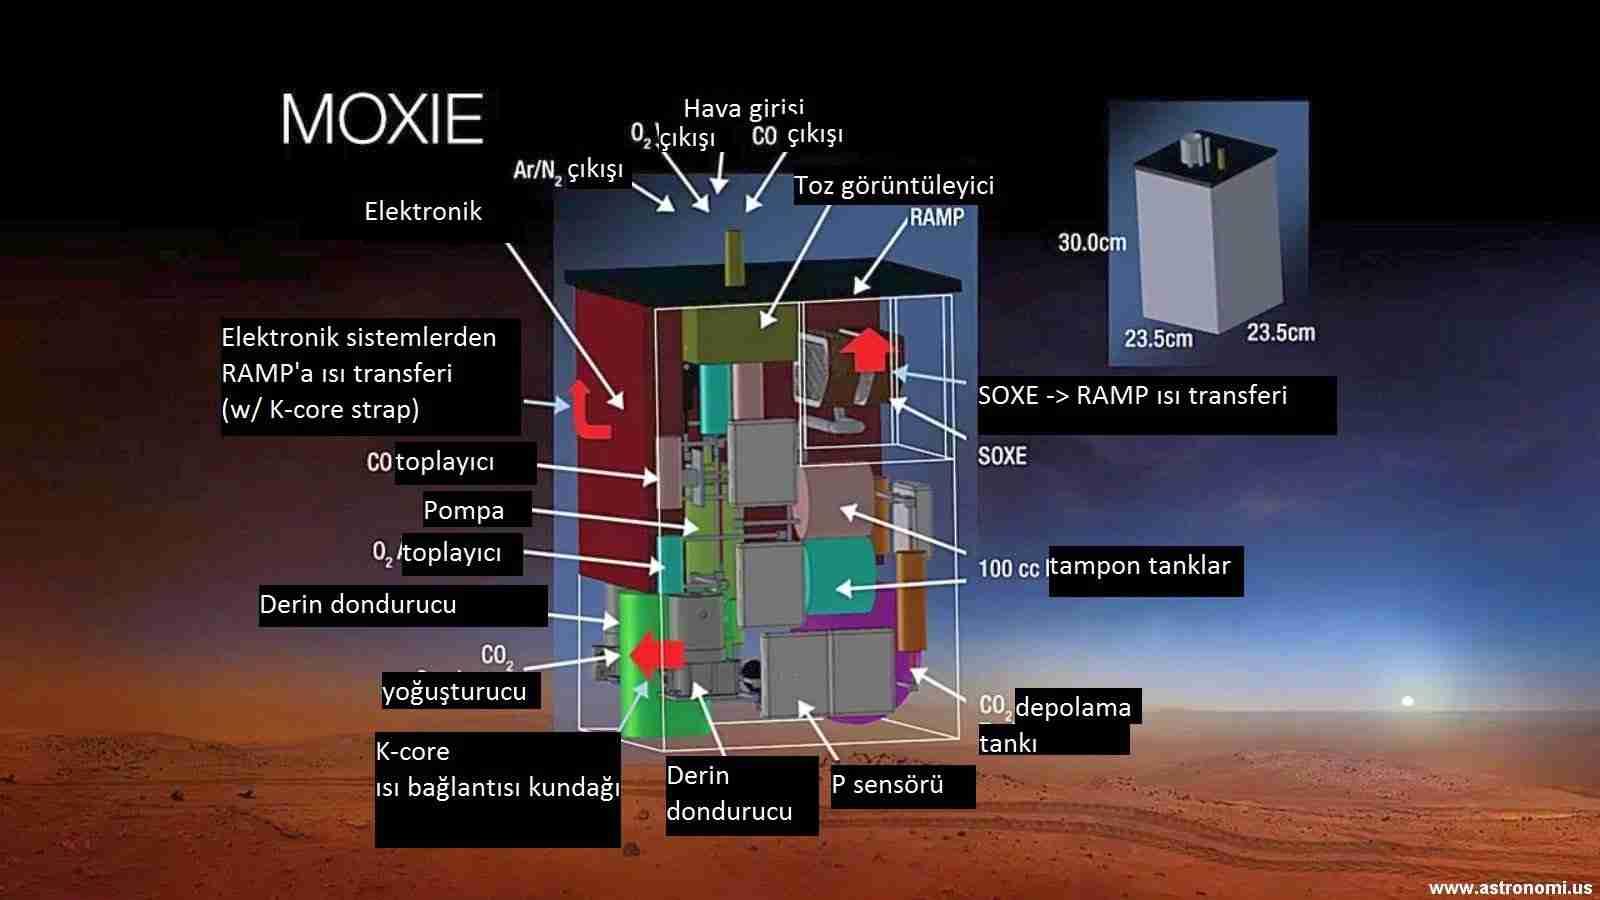 Mars-2020-robotu-ile-ismini-marsa-gönder